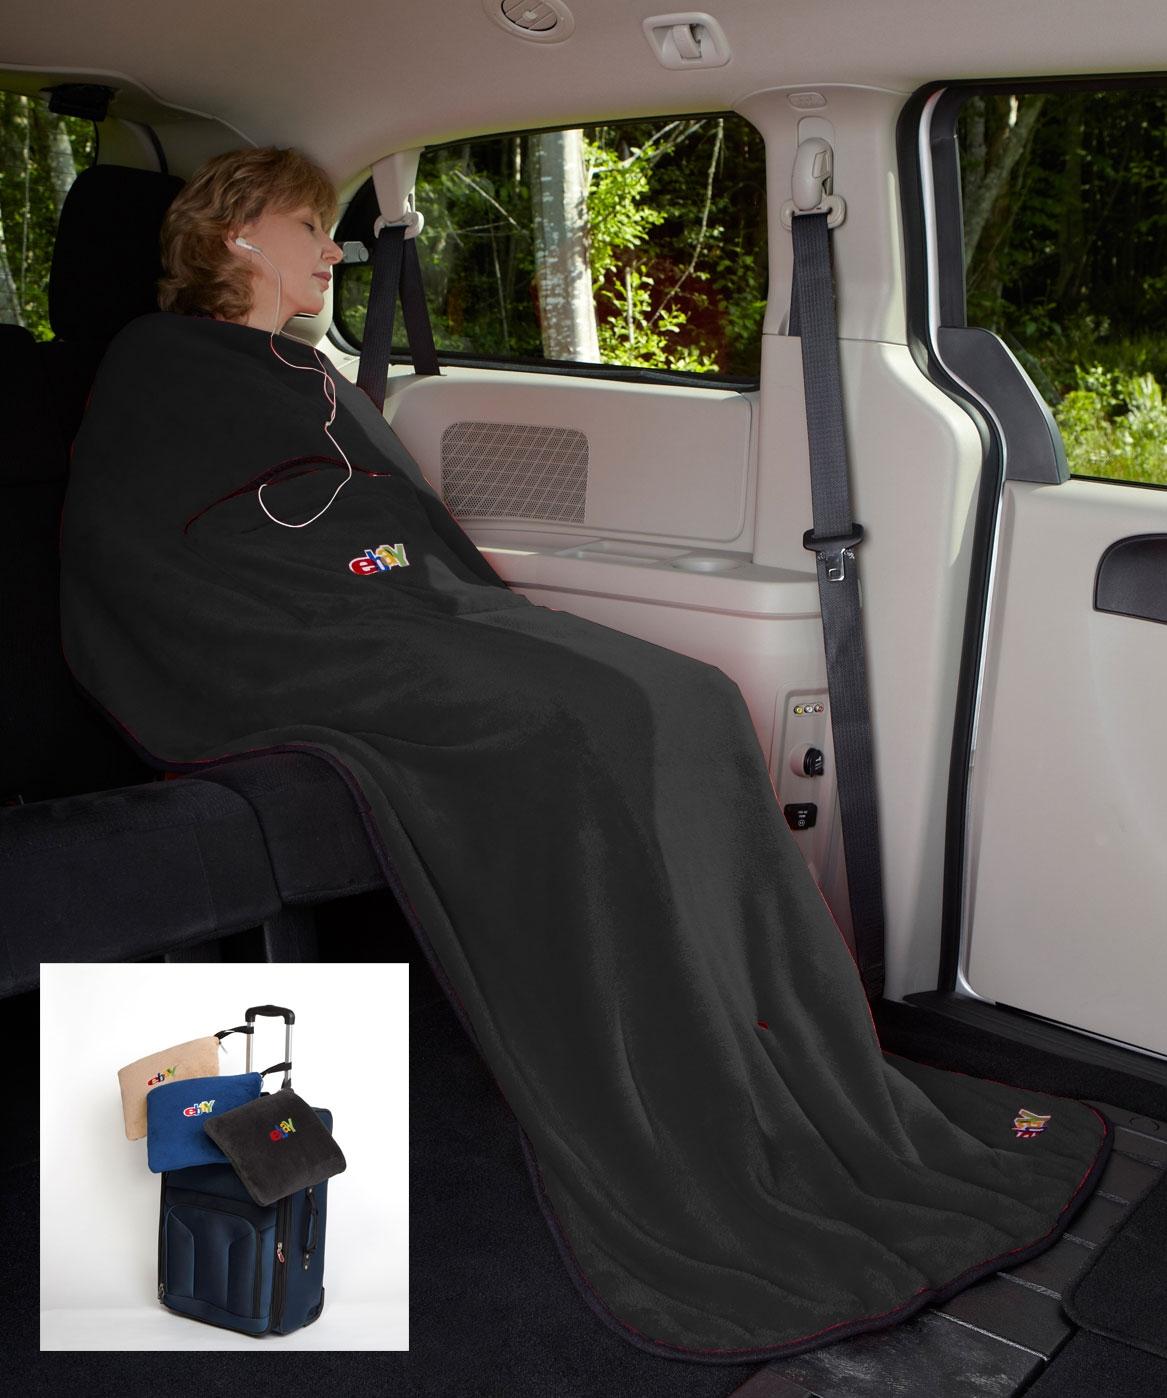 couverture idéal pour voyageur